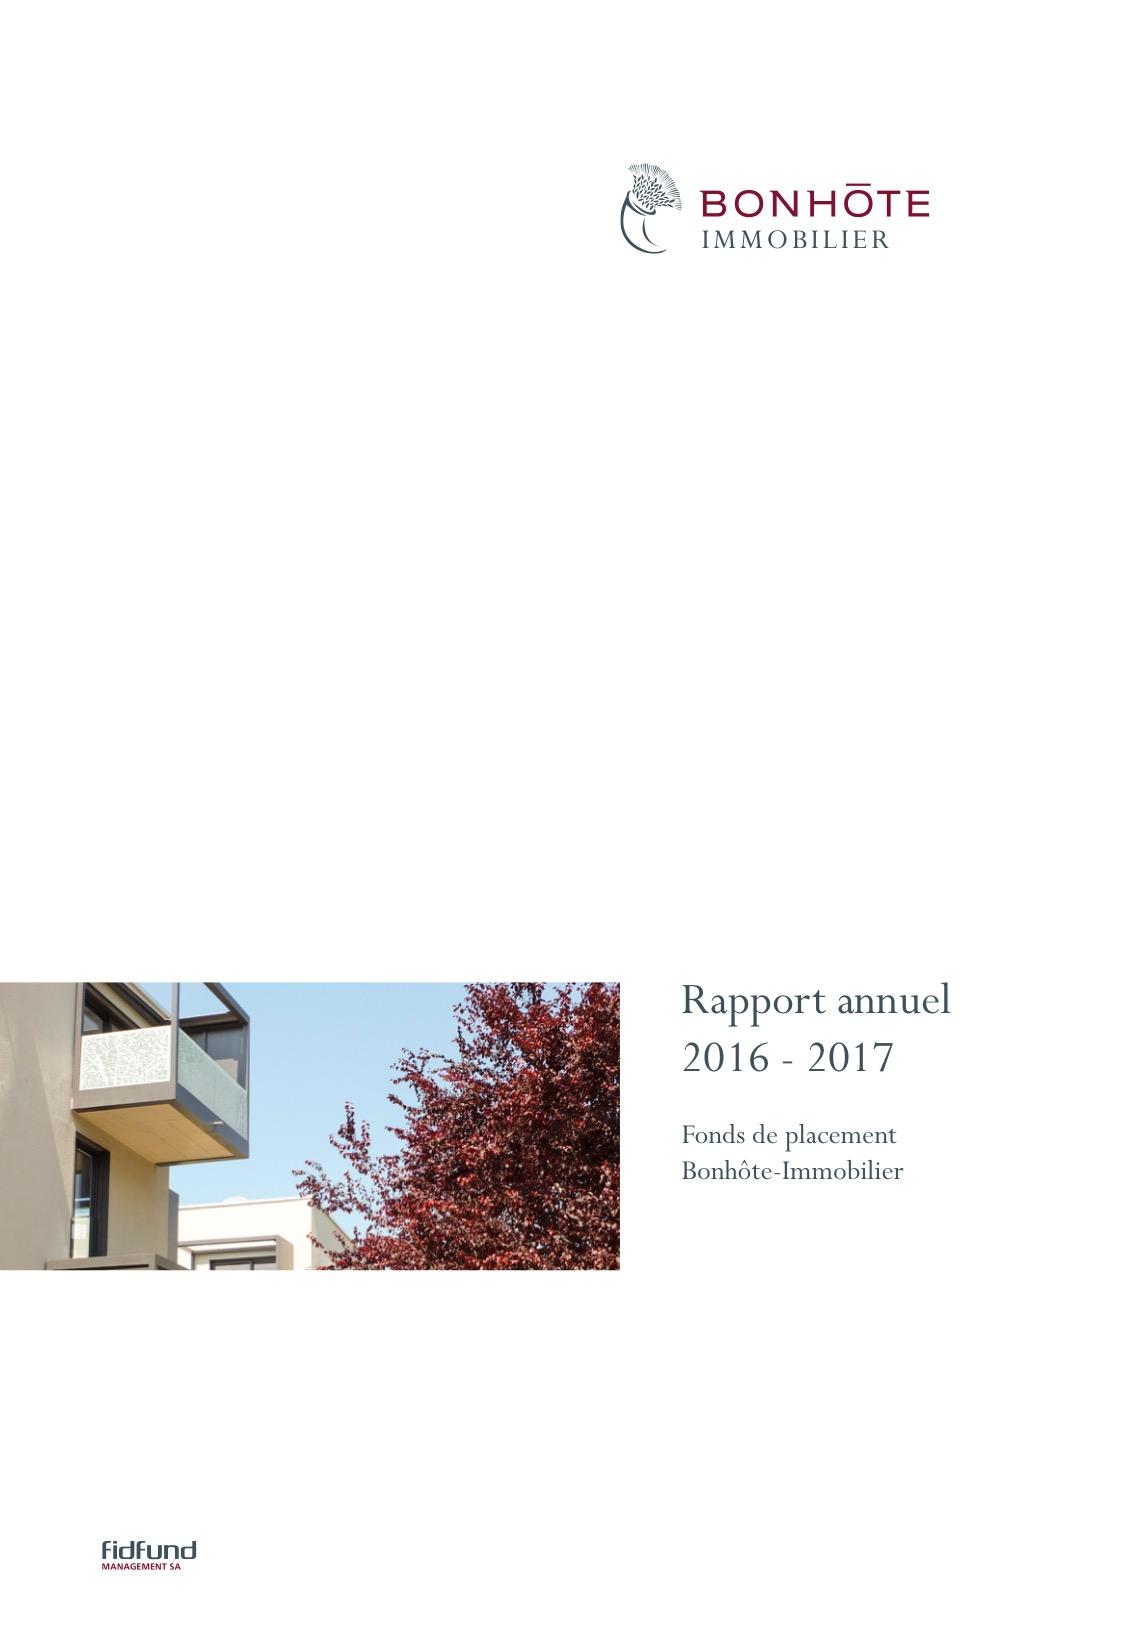 Bonhôte-Immobilier rapport annuel 2016/17